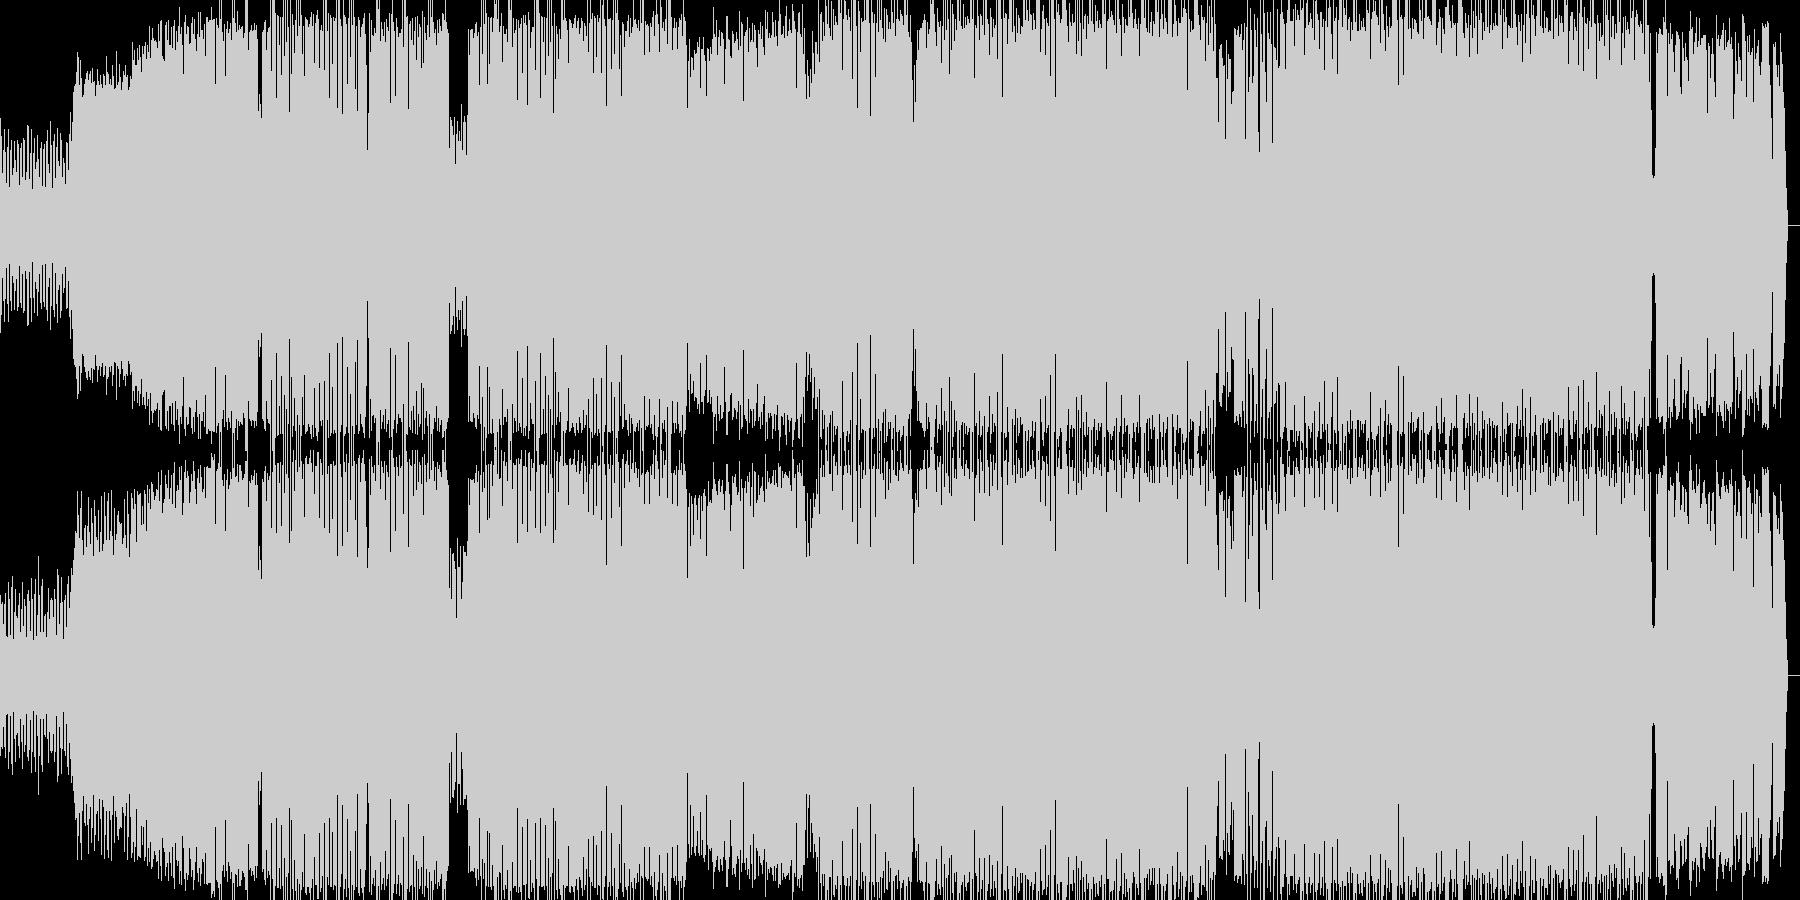 男性ボーカルが特徴のヒップホップの未再生の波形